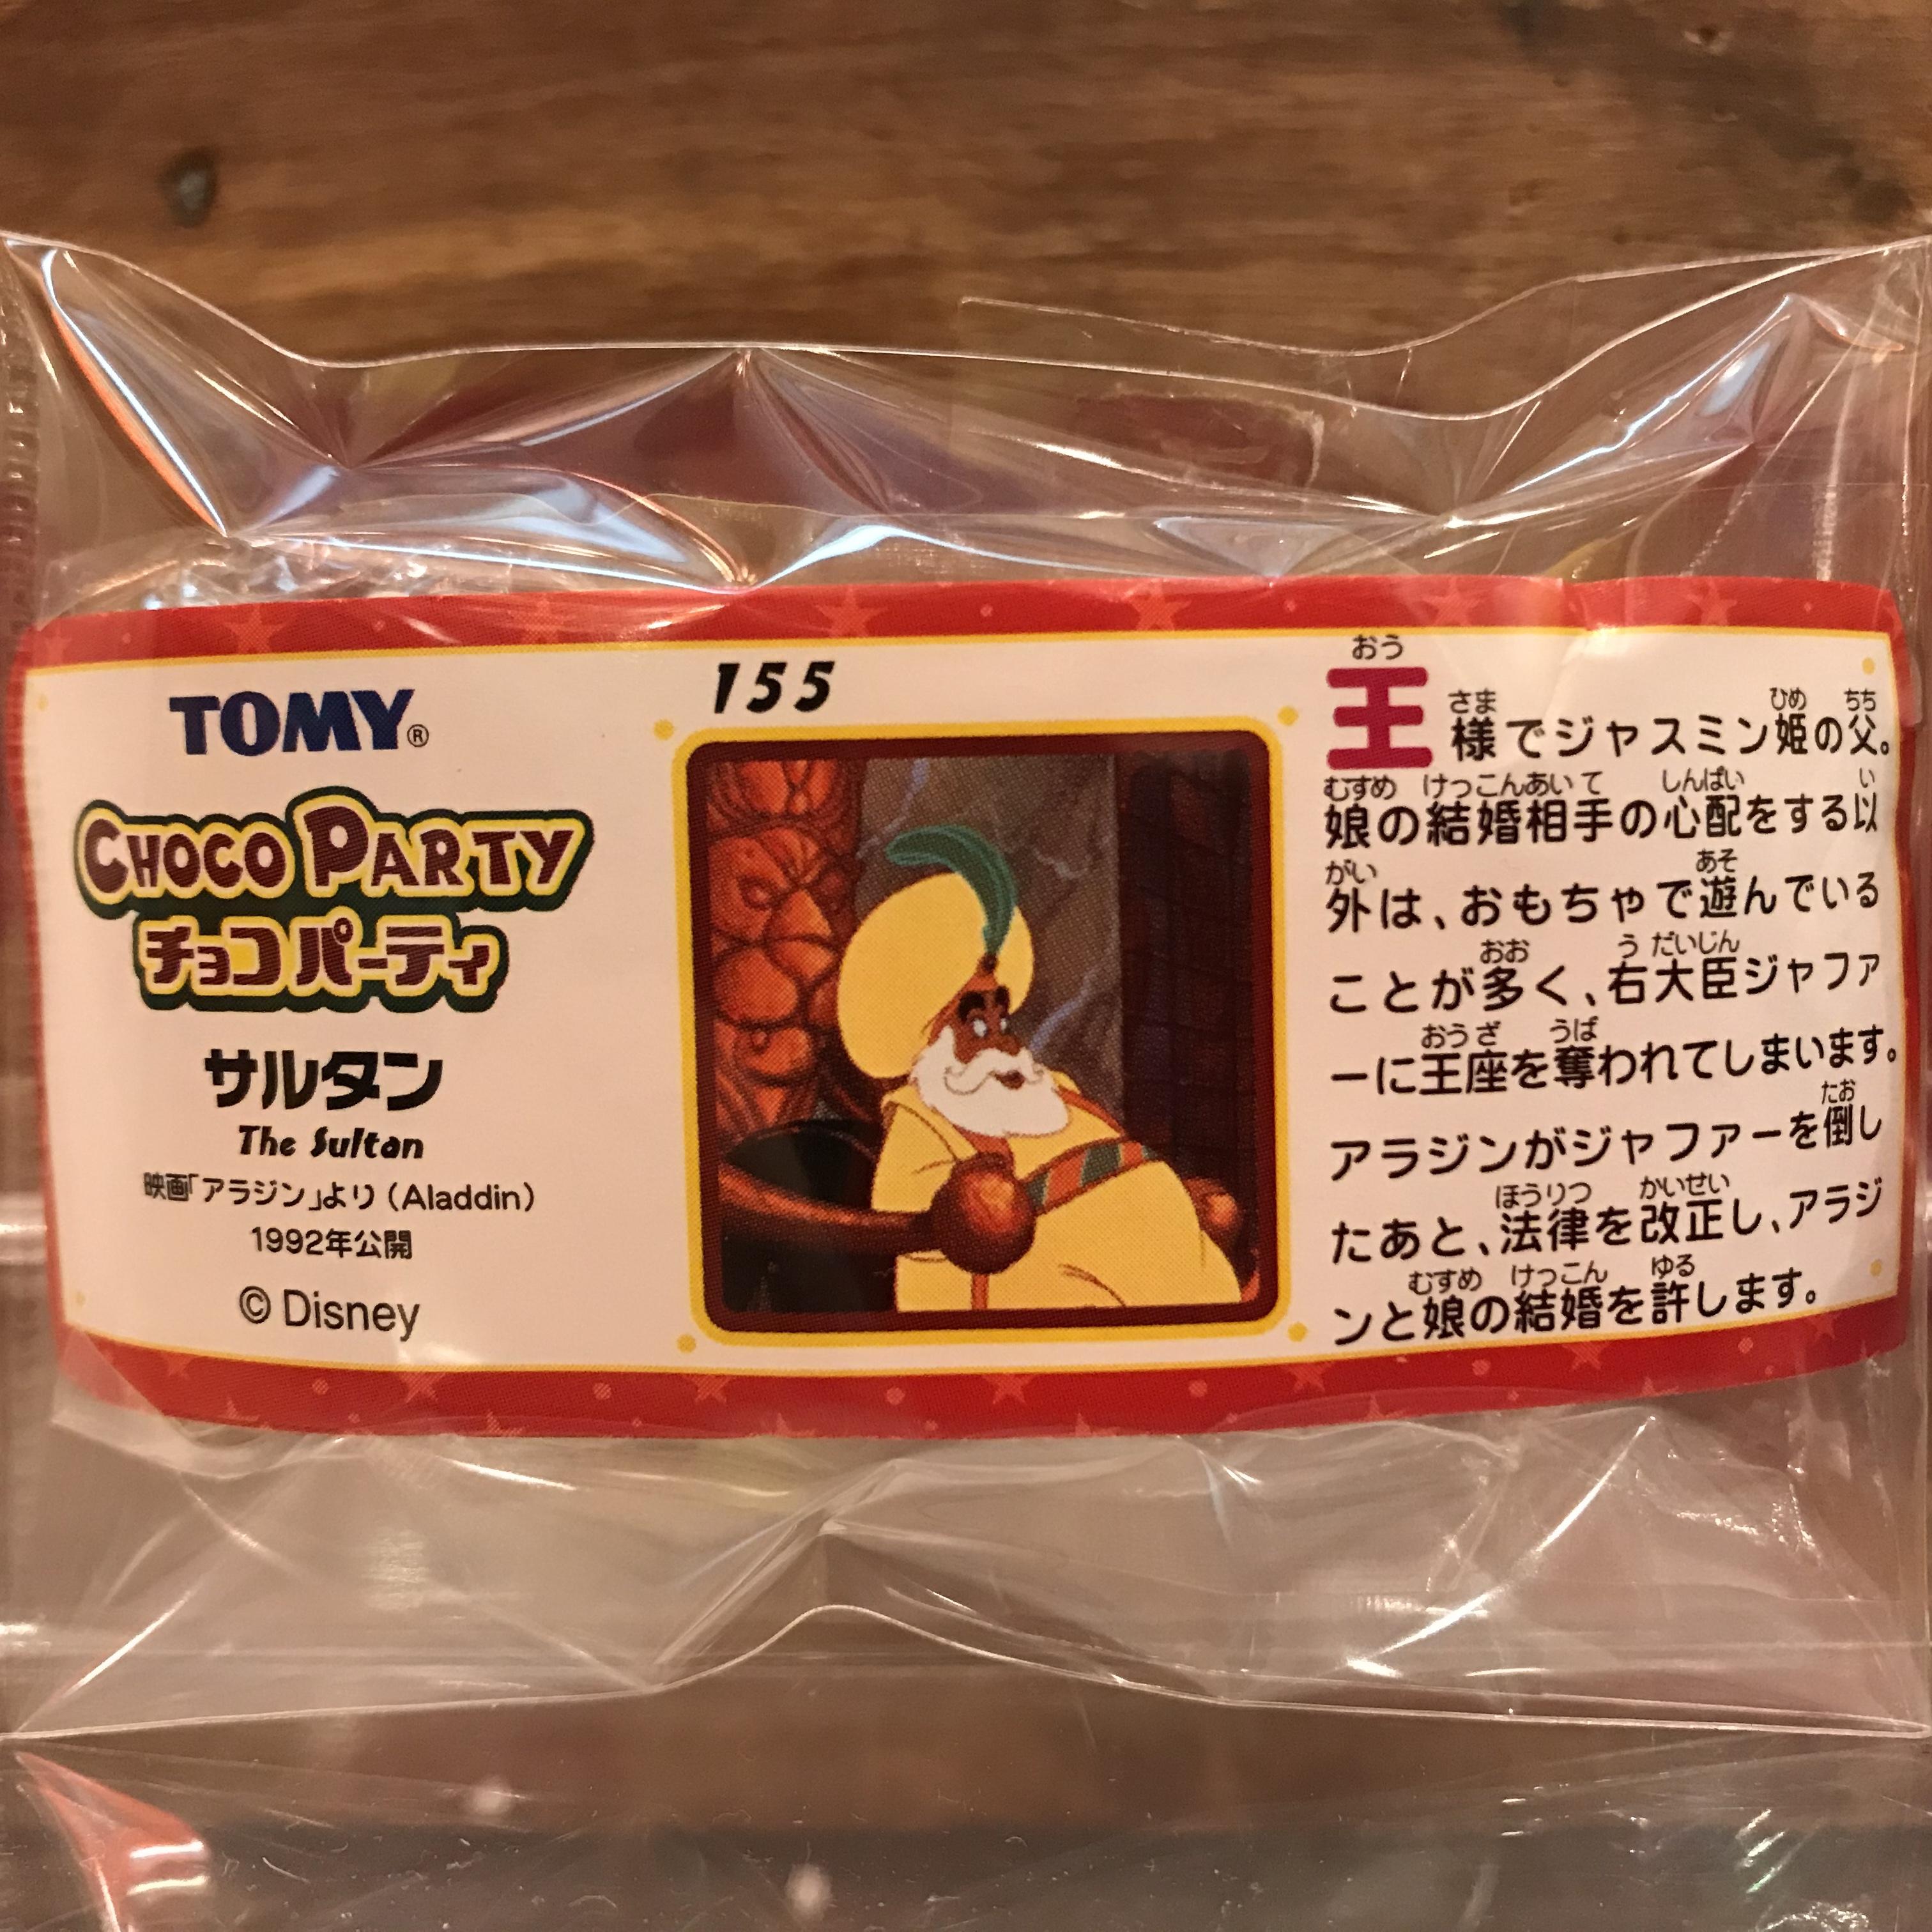 ディズニー チョコパーティ 155 サルタン フィギュア 内袋未開封・ミニブック付 TOMY